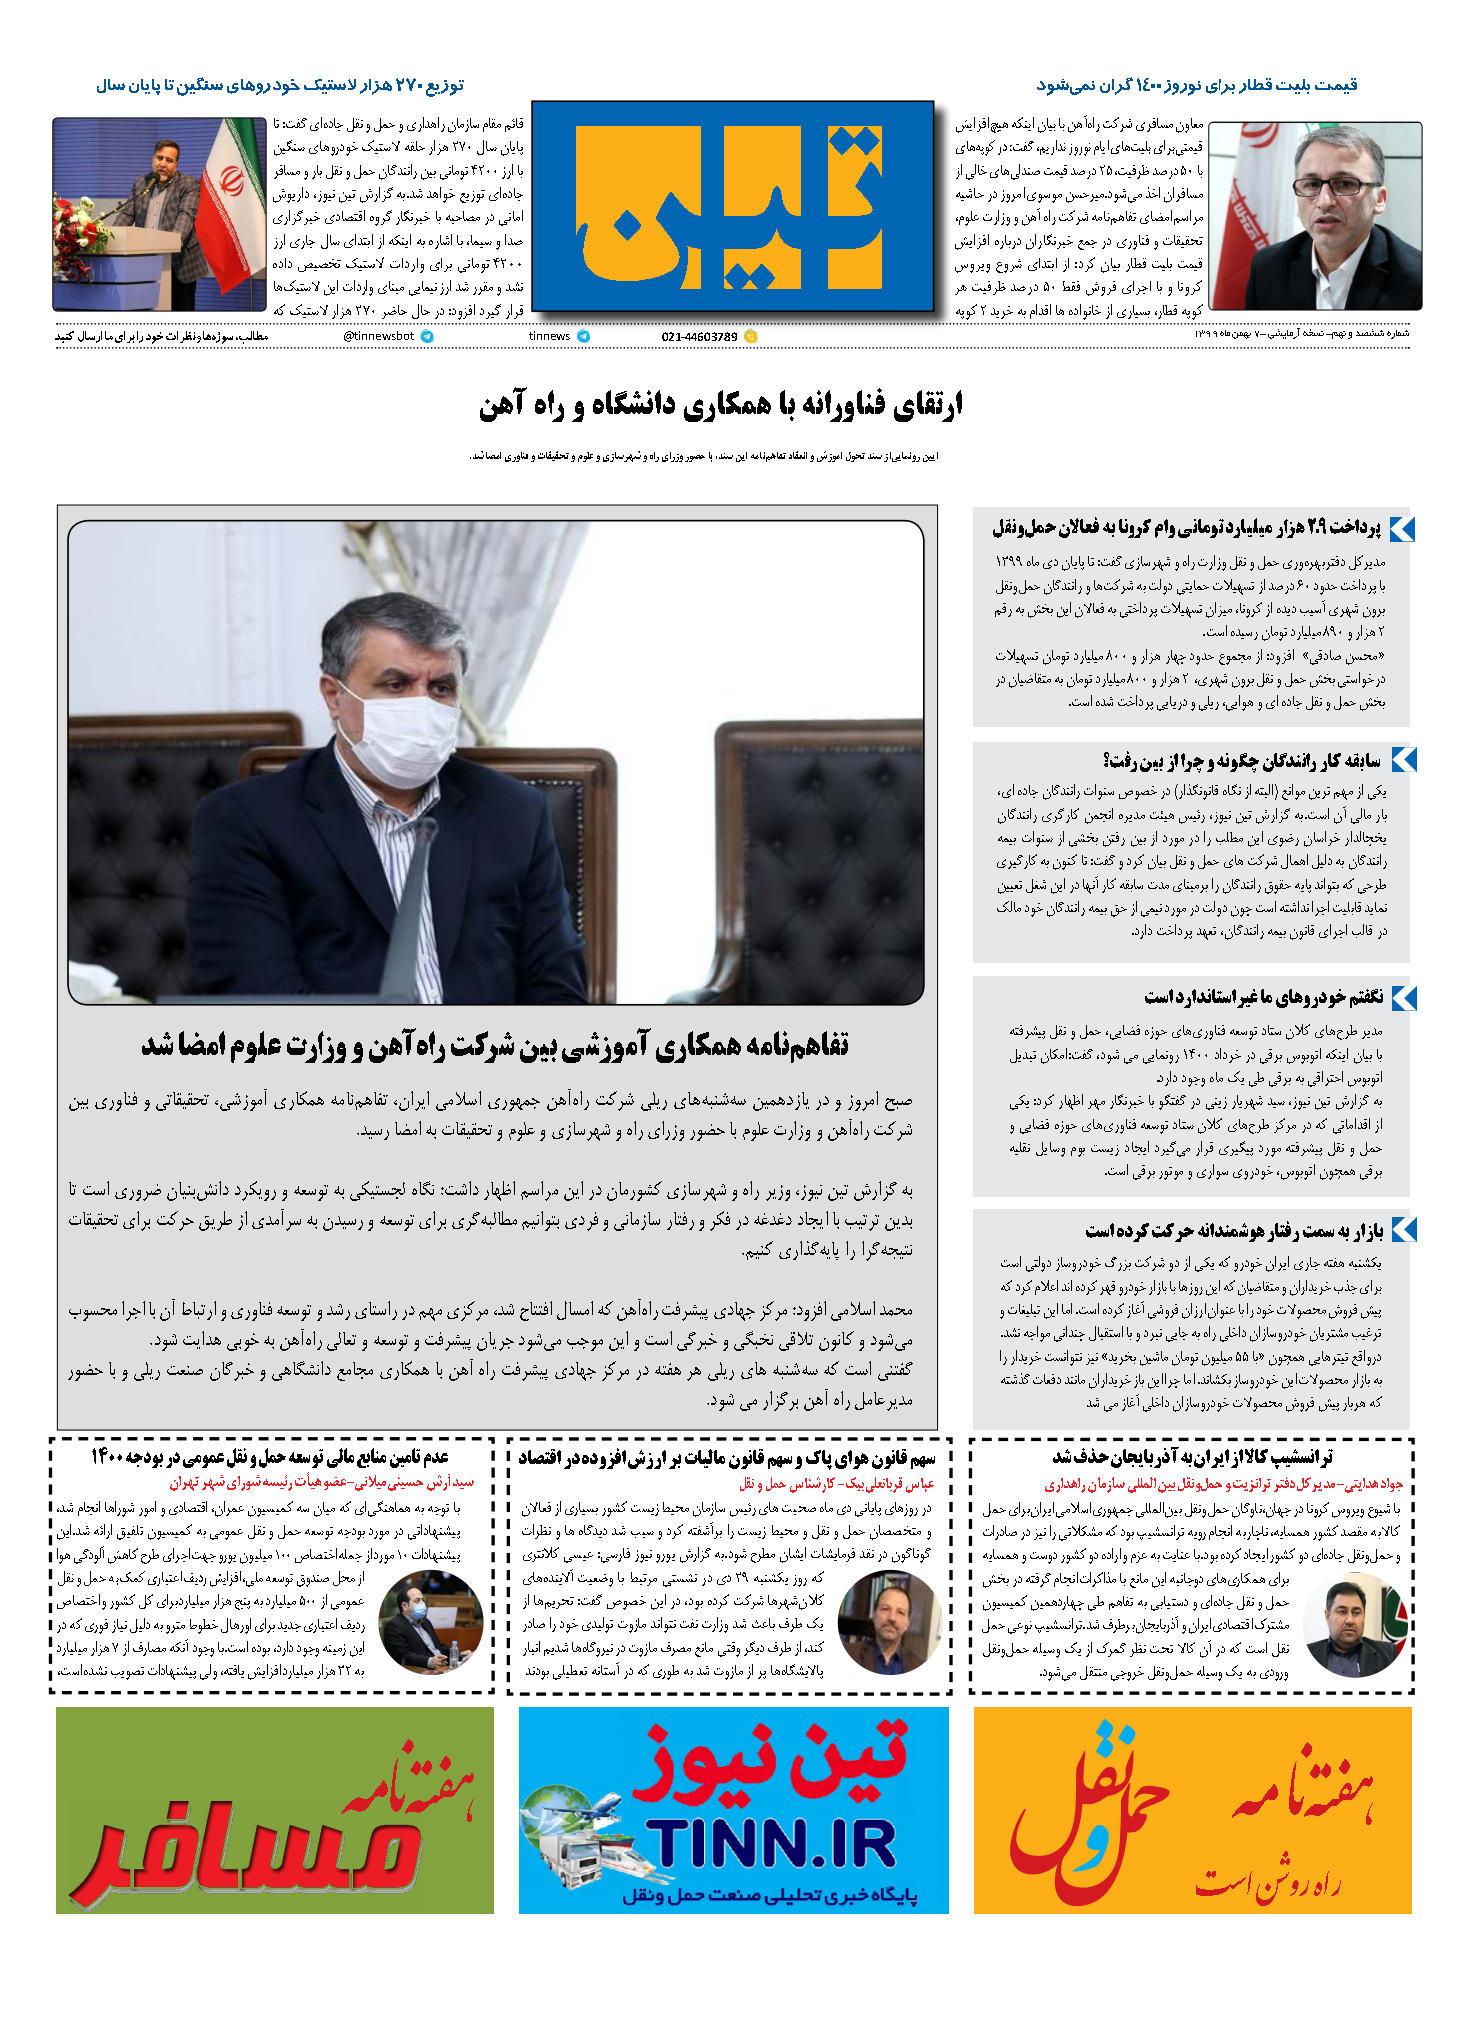 روزنامه الکترونیک 7 بهمن ماه 99